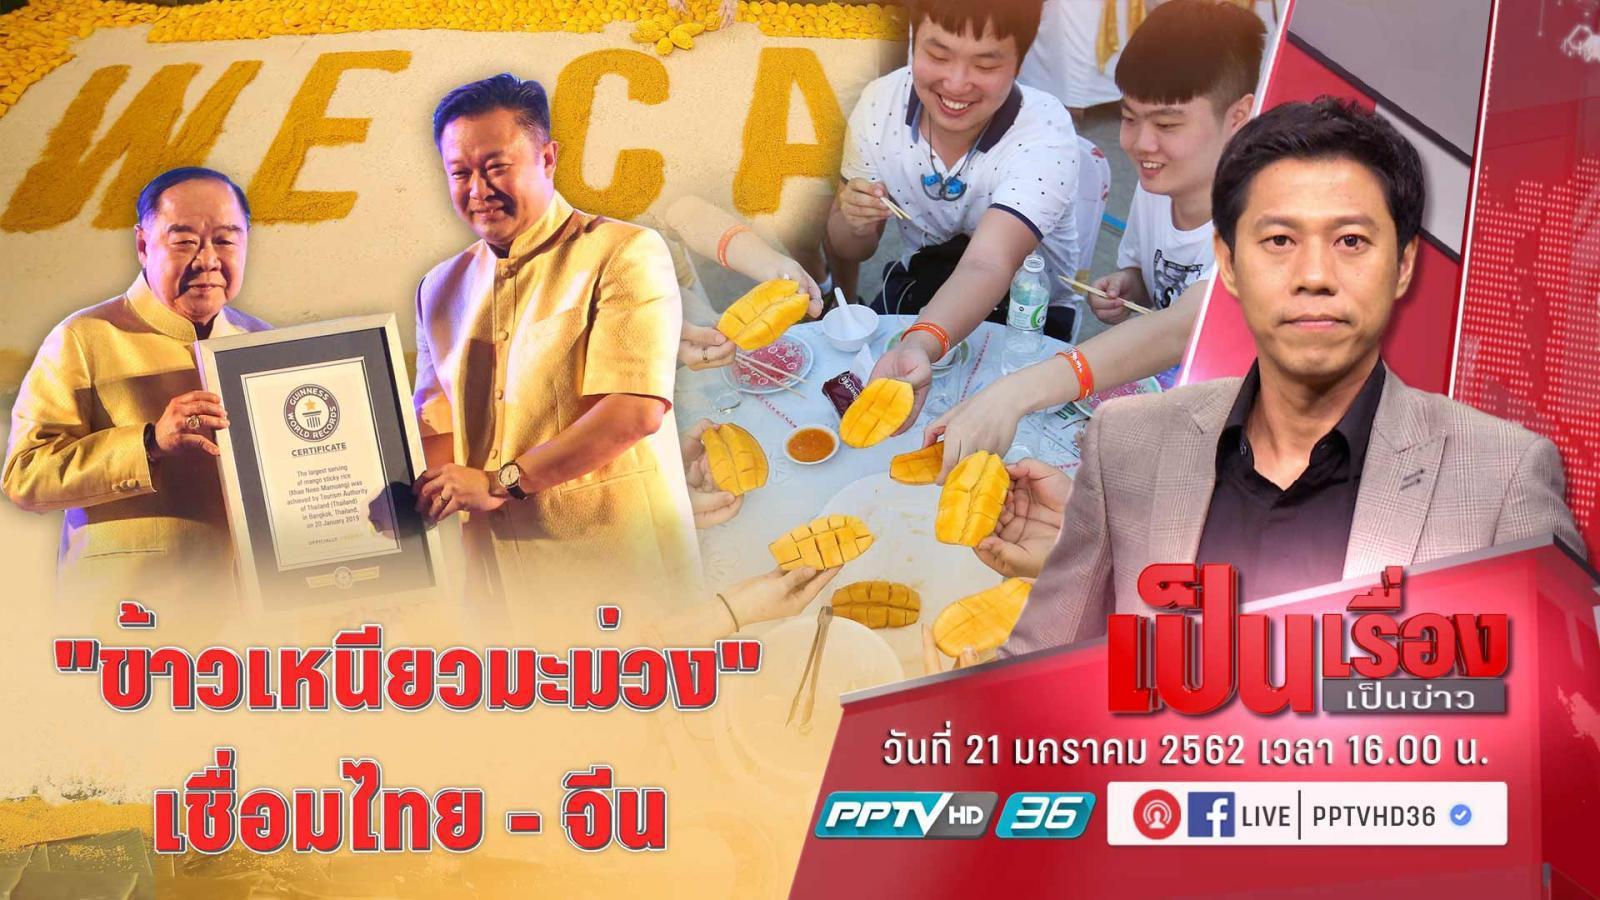 """""""สนช."""" โว ไม่ใช้เงินสักบาทจัดงานเลี้ยง """"ข้าวเหนียวมะม่วง"""" มั่นใจตรุษจีน นทท.จีนแห่เที่ยวไทยเพียบ"""